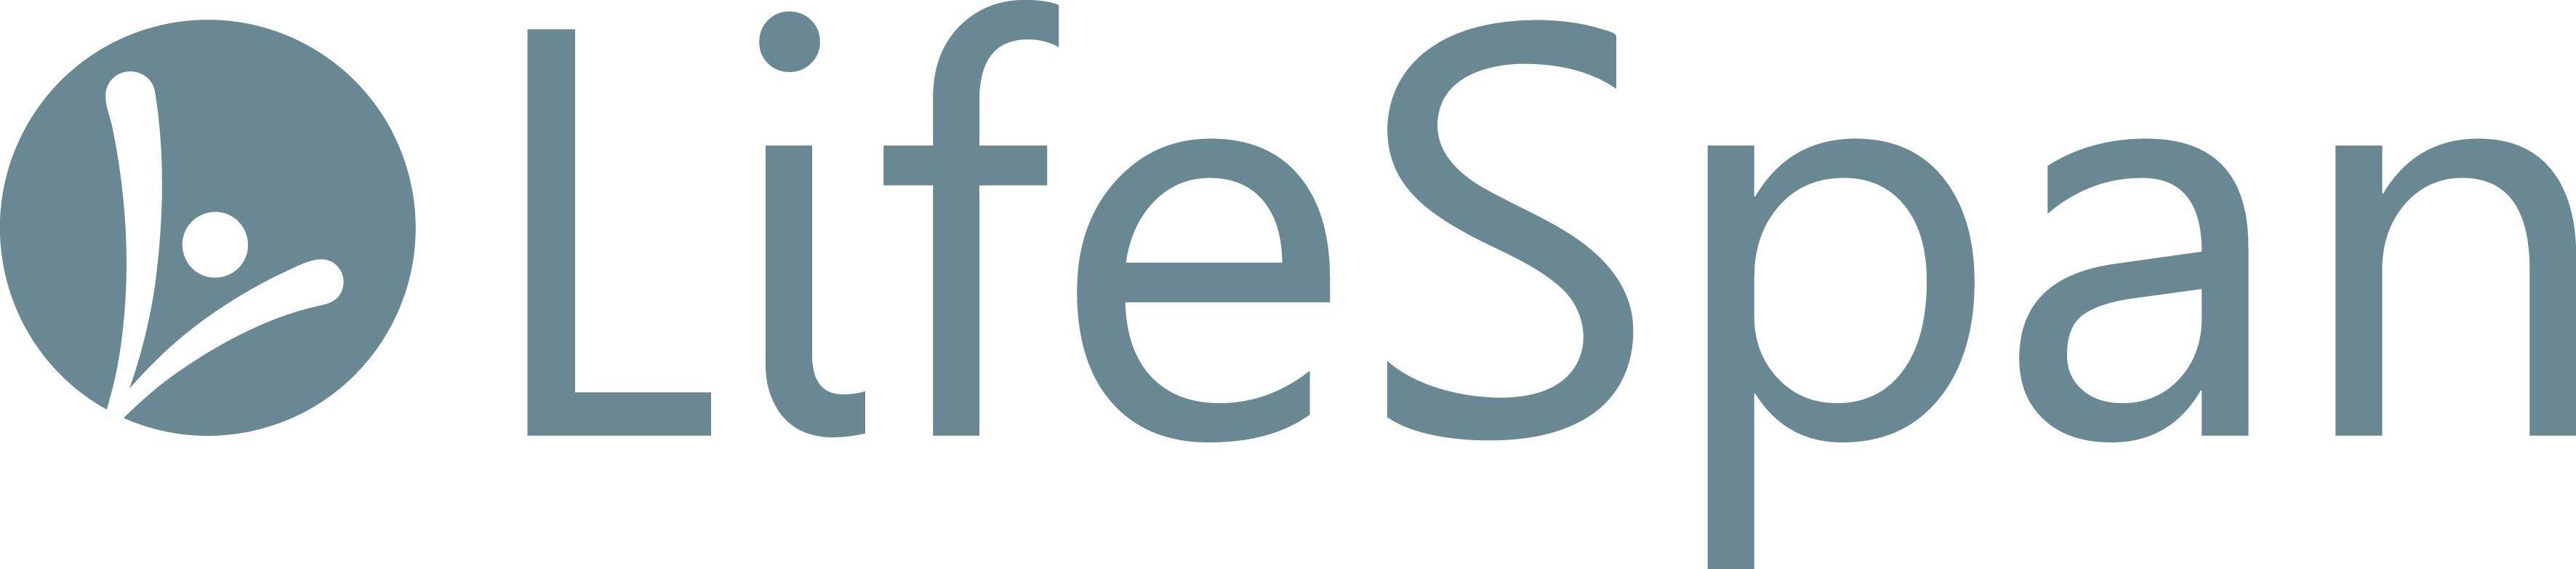 明躍國際健康科技股份有限公司-Logo